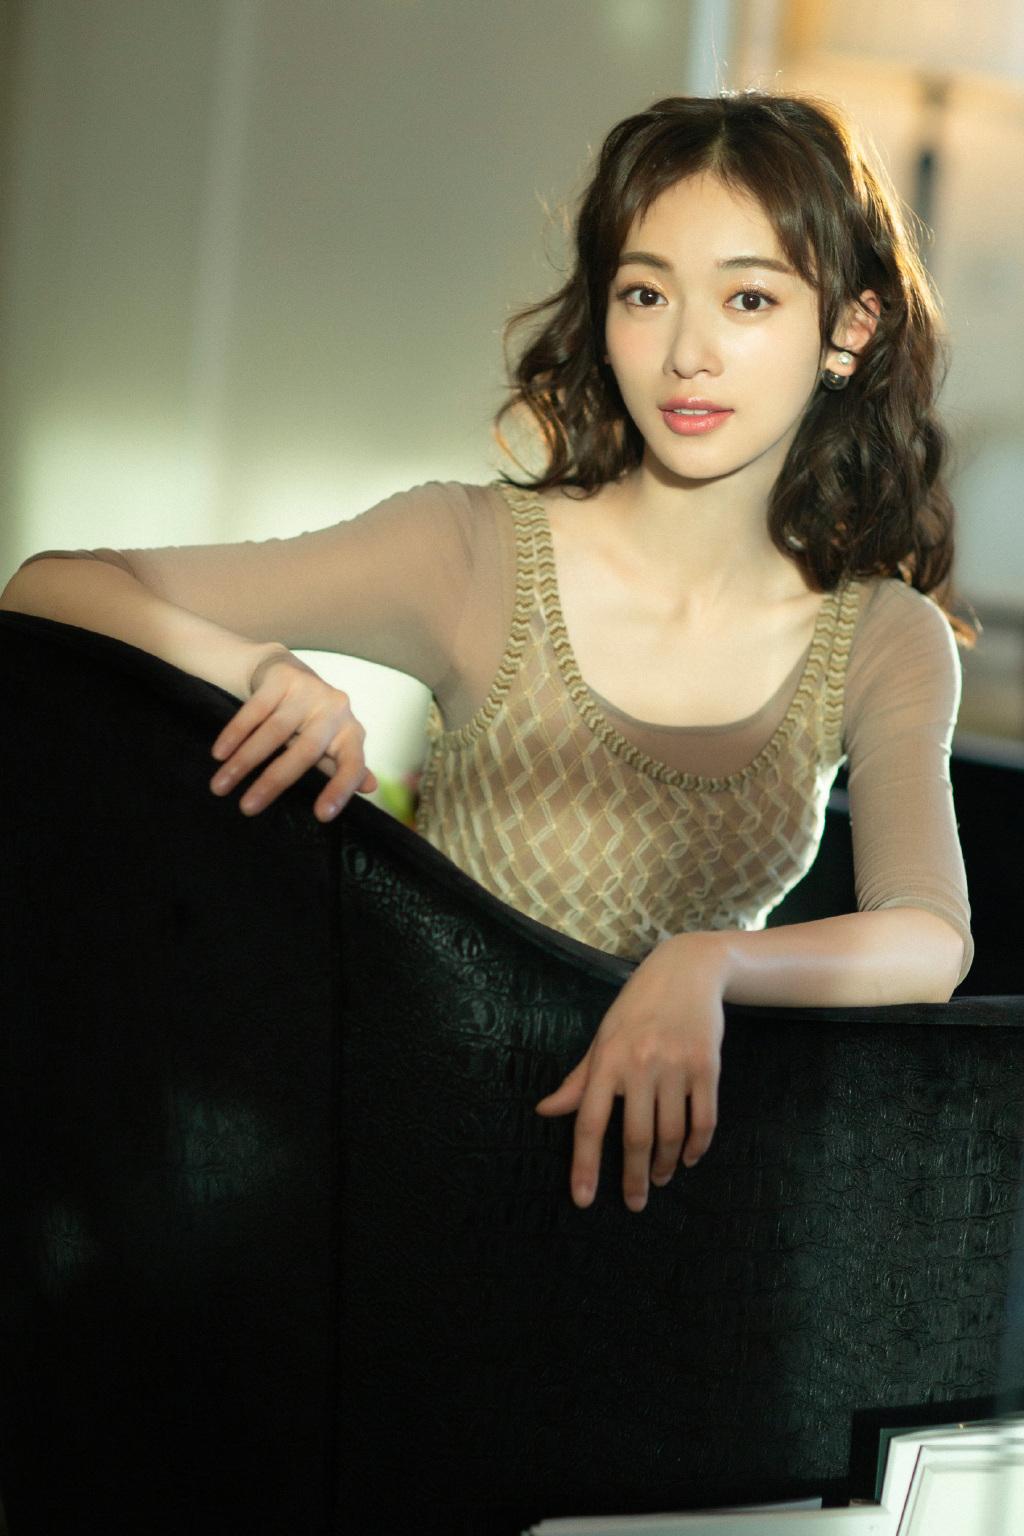 女演员吴谨言复古摩登性感写真 娱乐头条 第6张